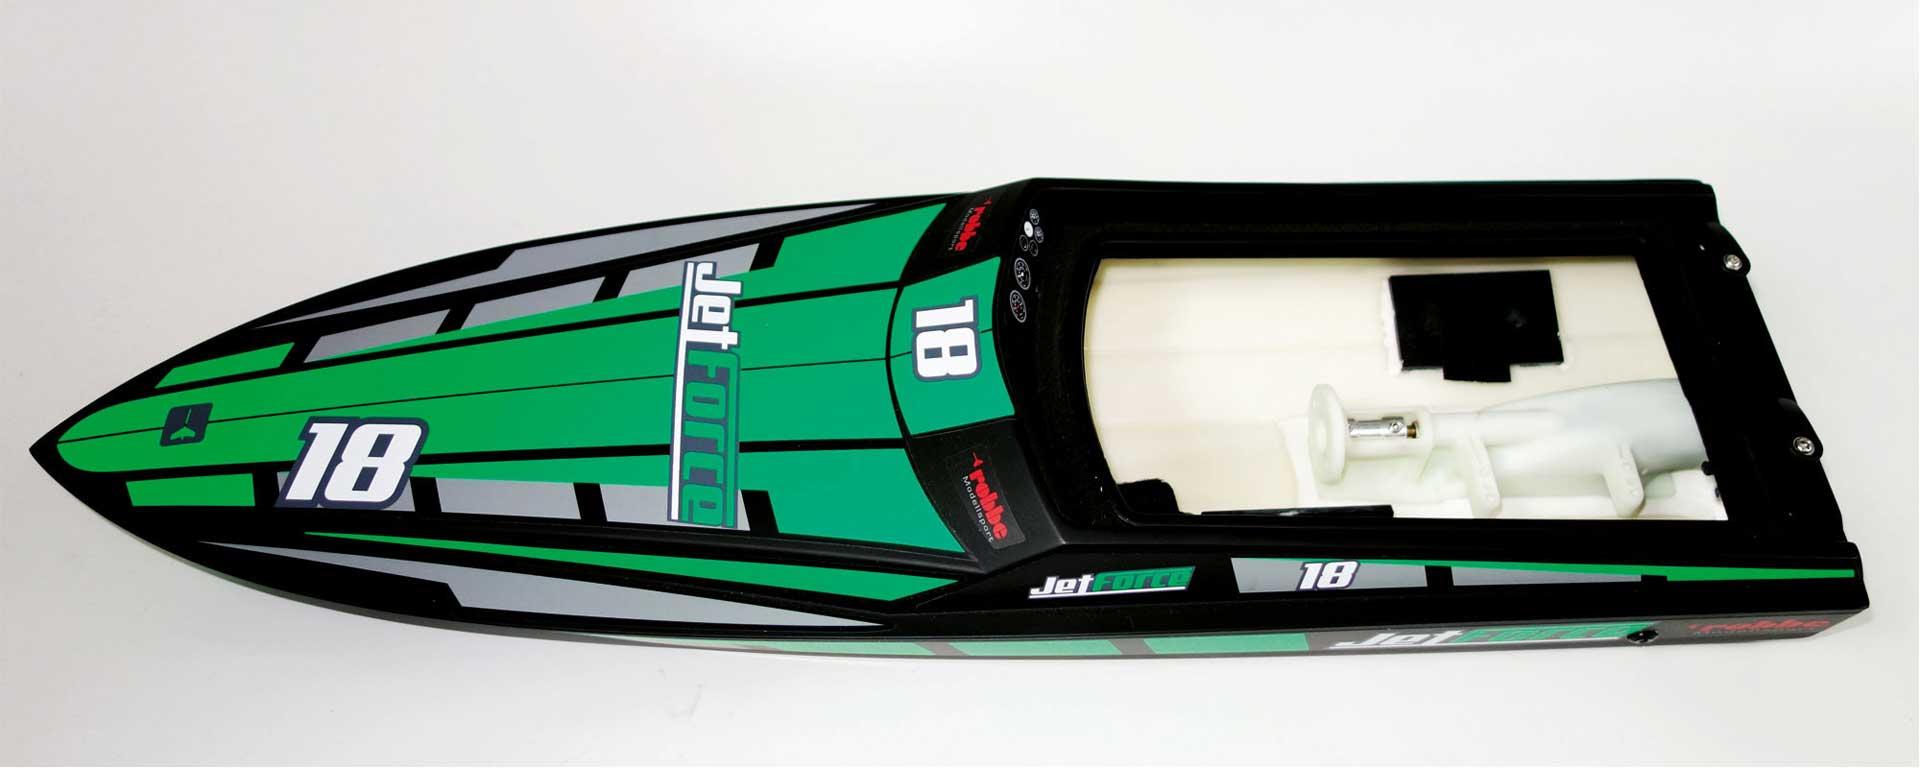 Robbe Modellsport Jet Force Rumpf mit Jet-Innenteil